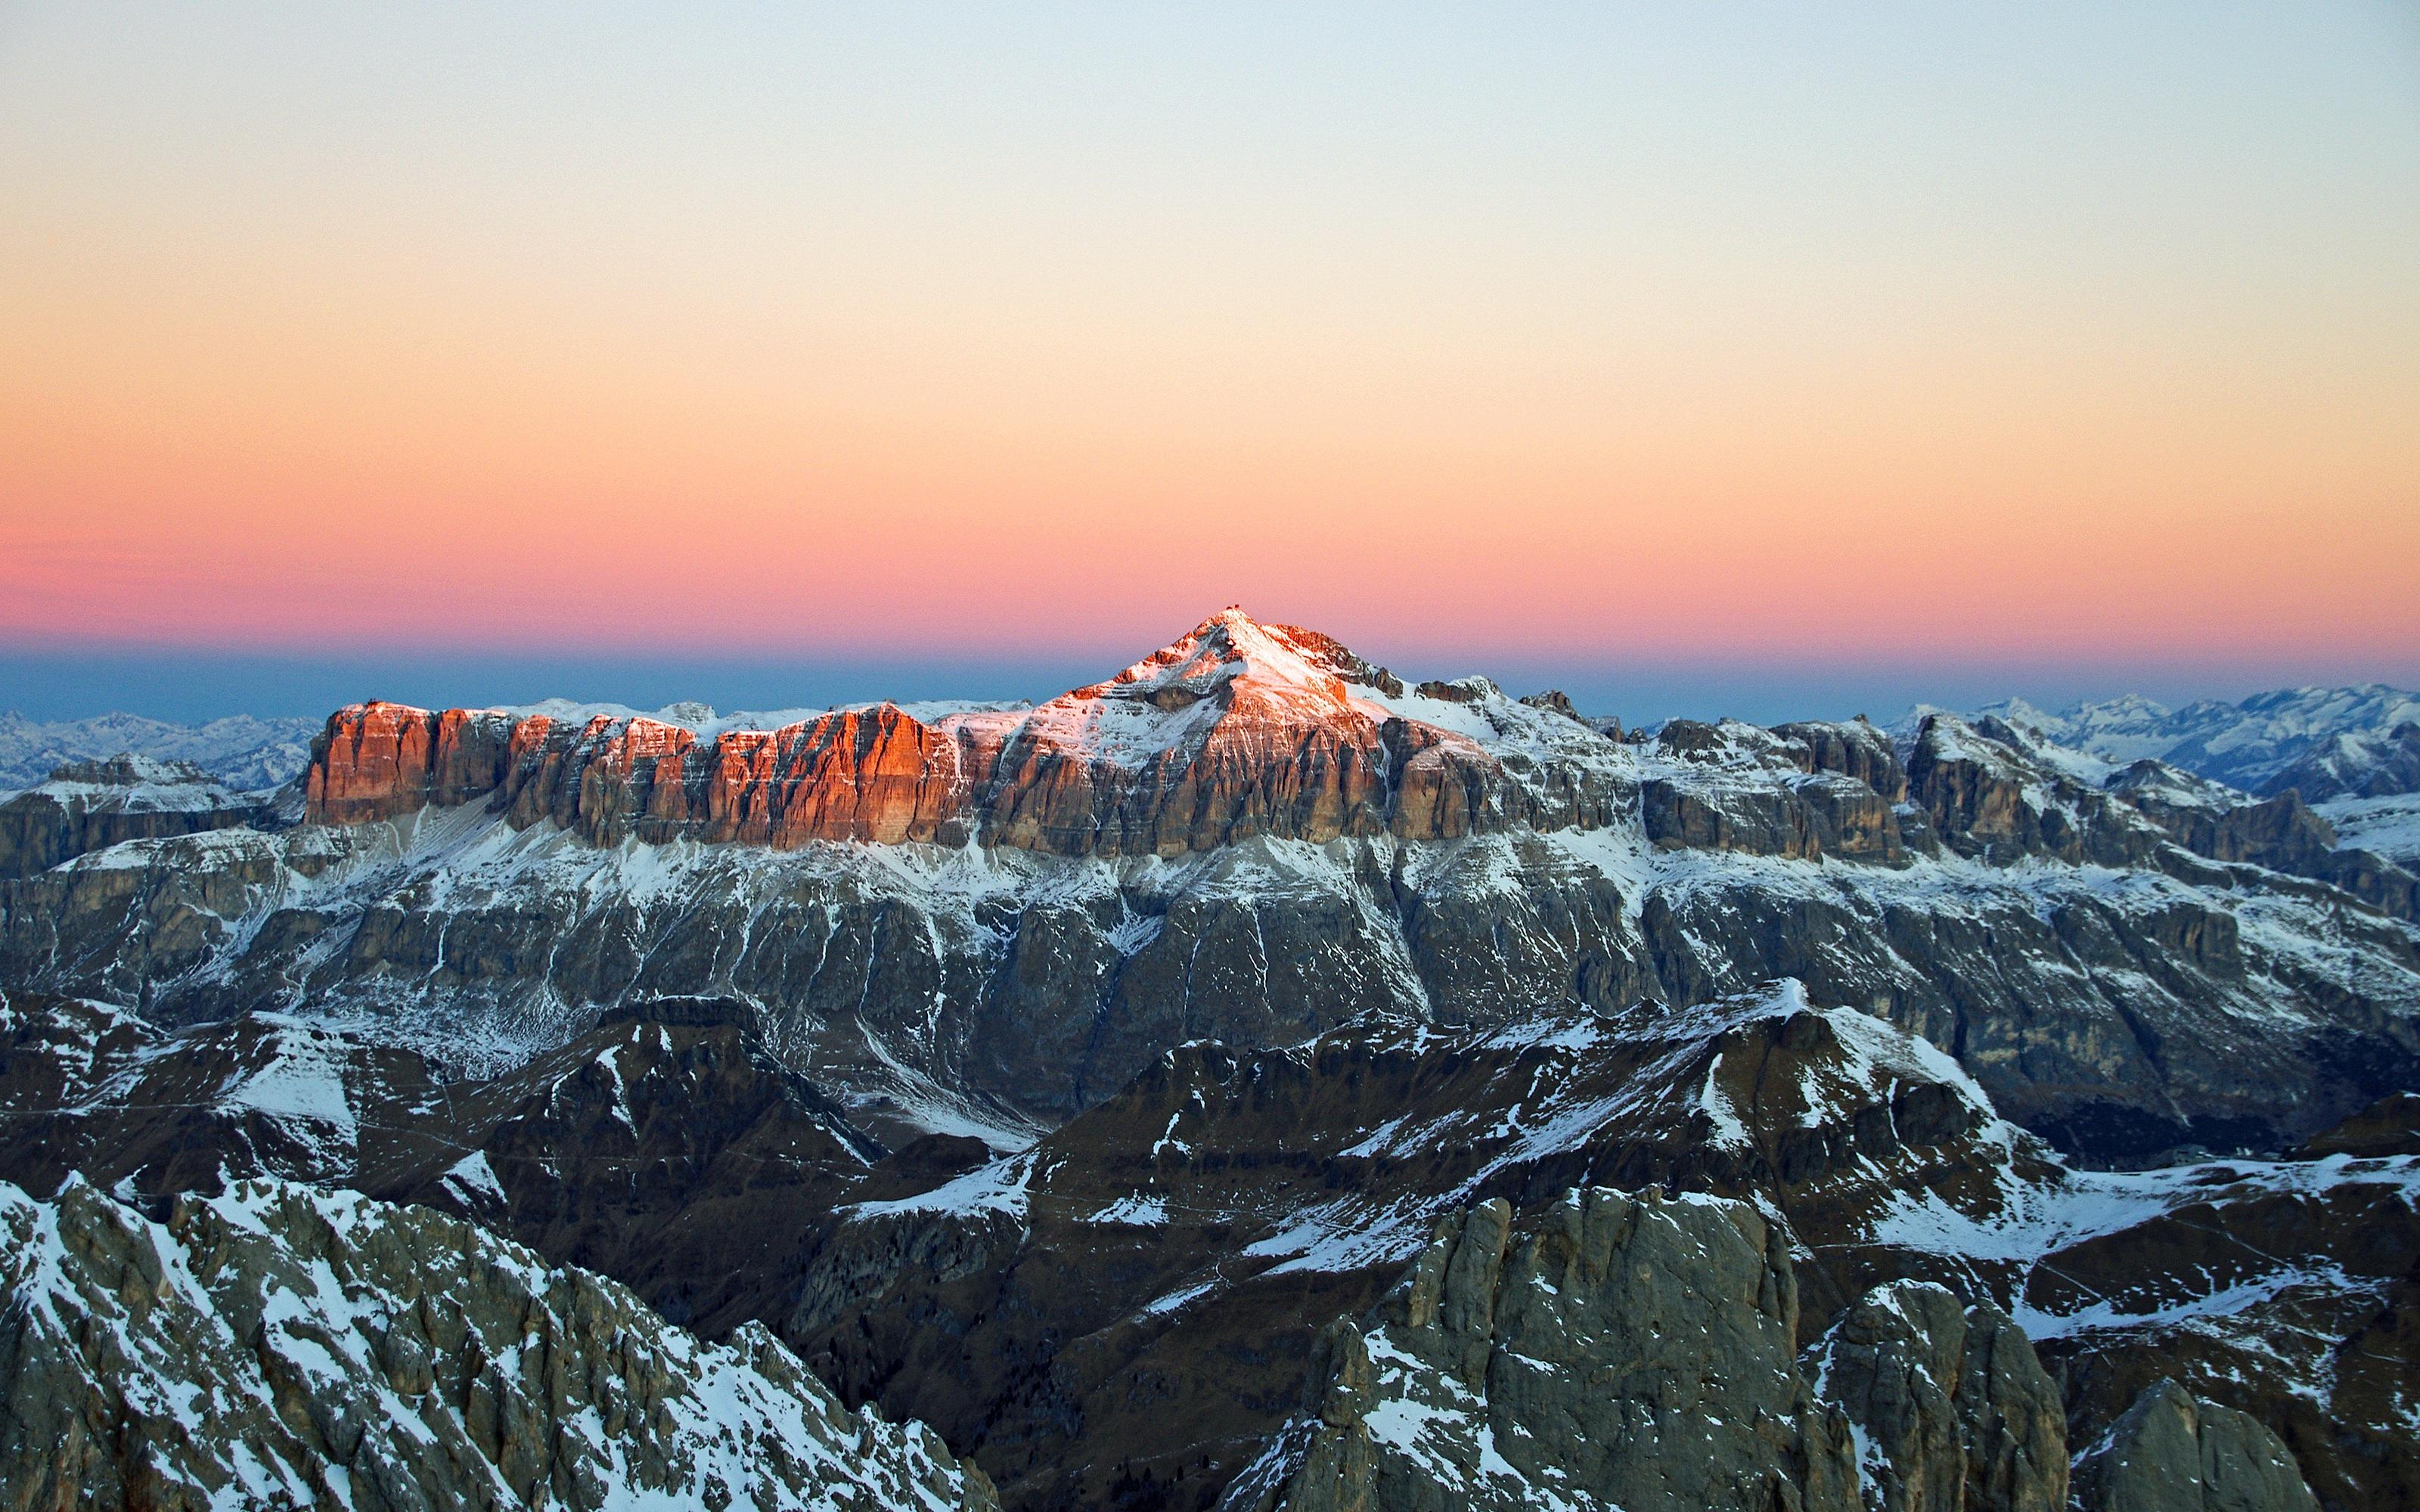 Mountain Iphone Wallpaper Mountain Covered White Snow 183 Free Stock Photo